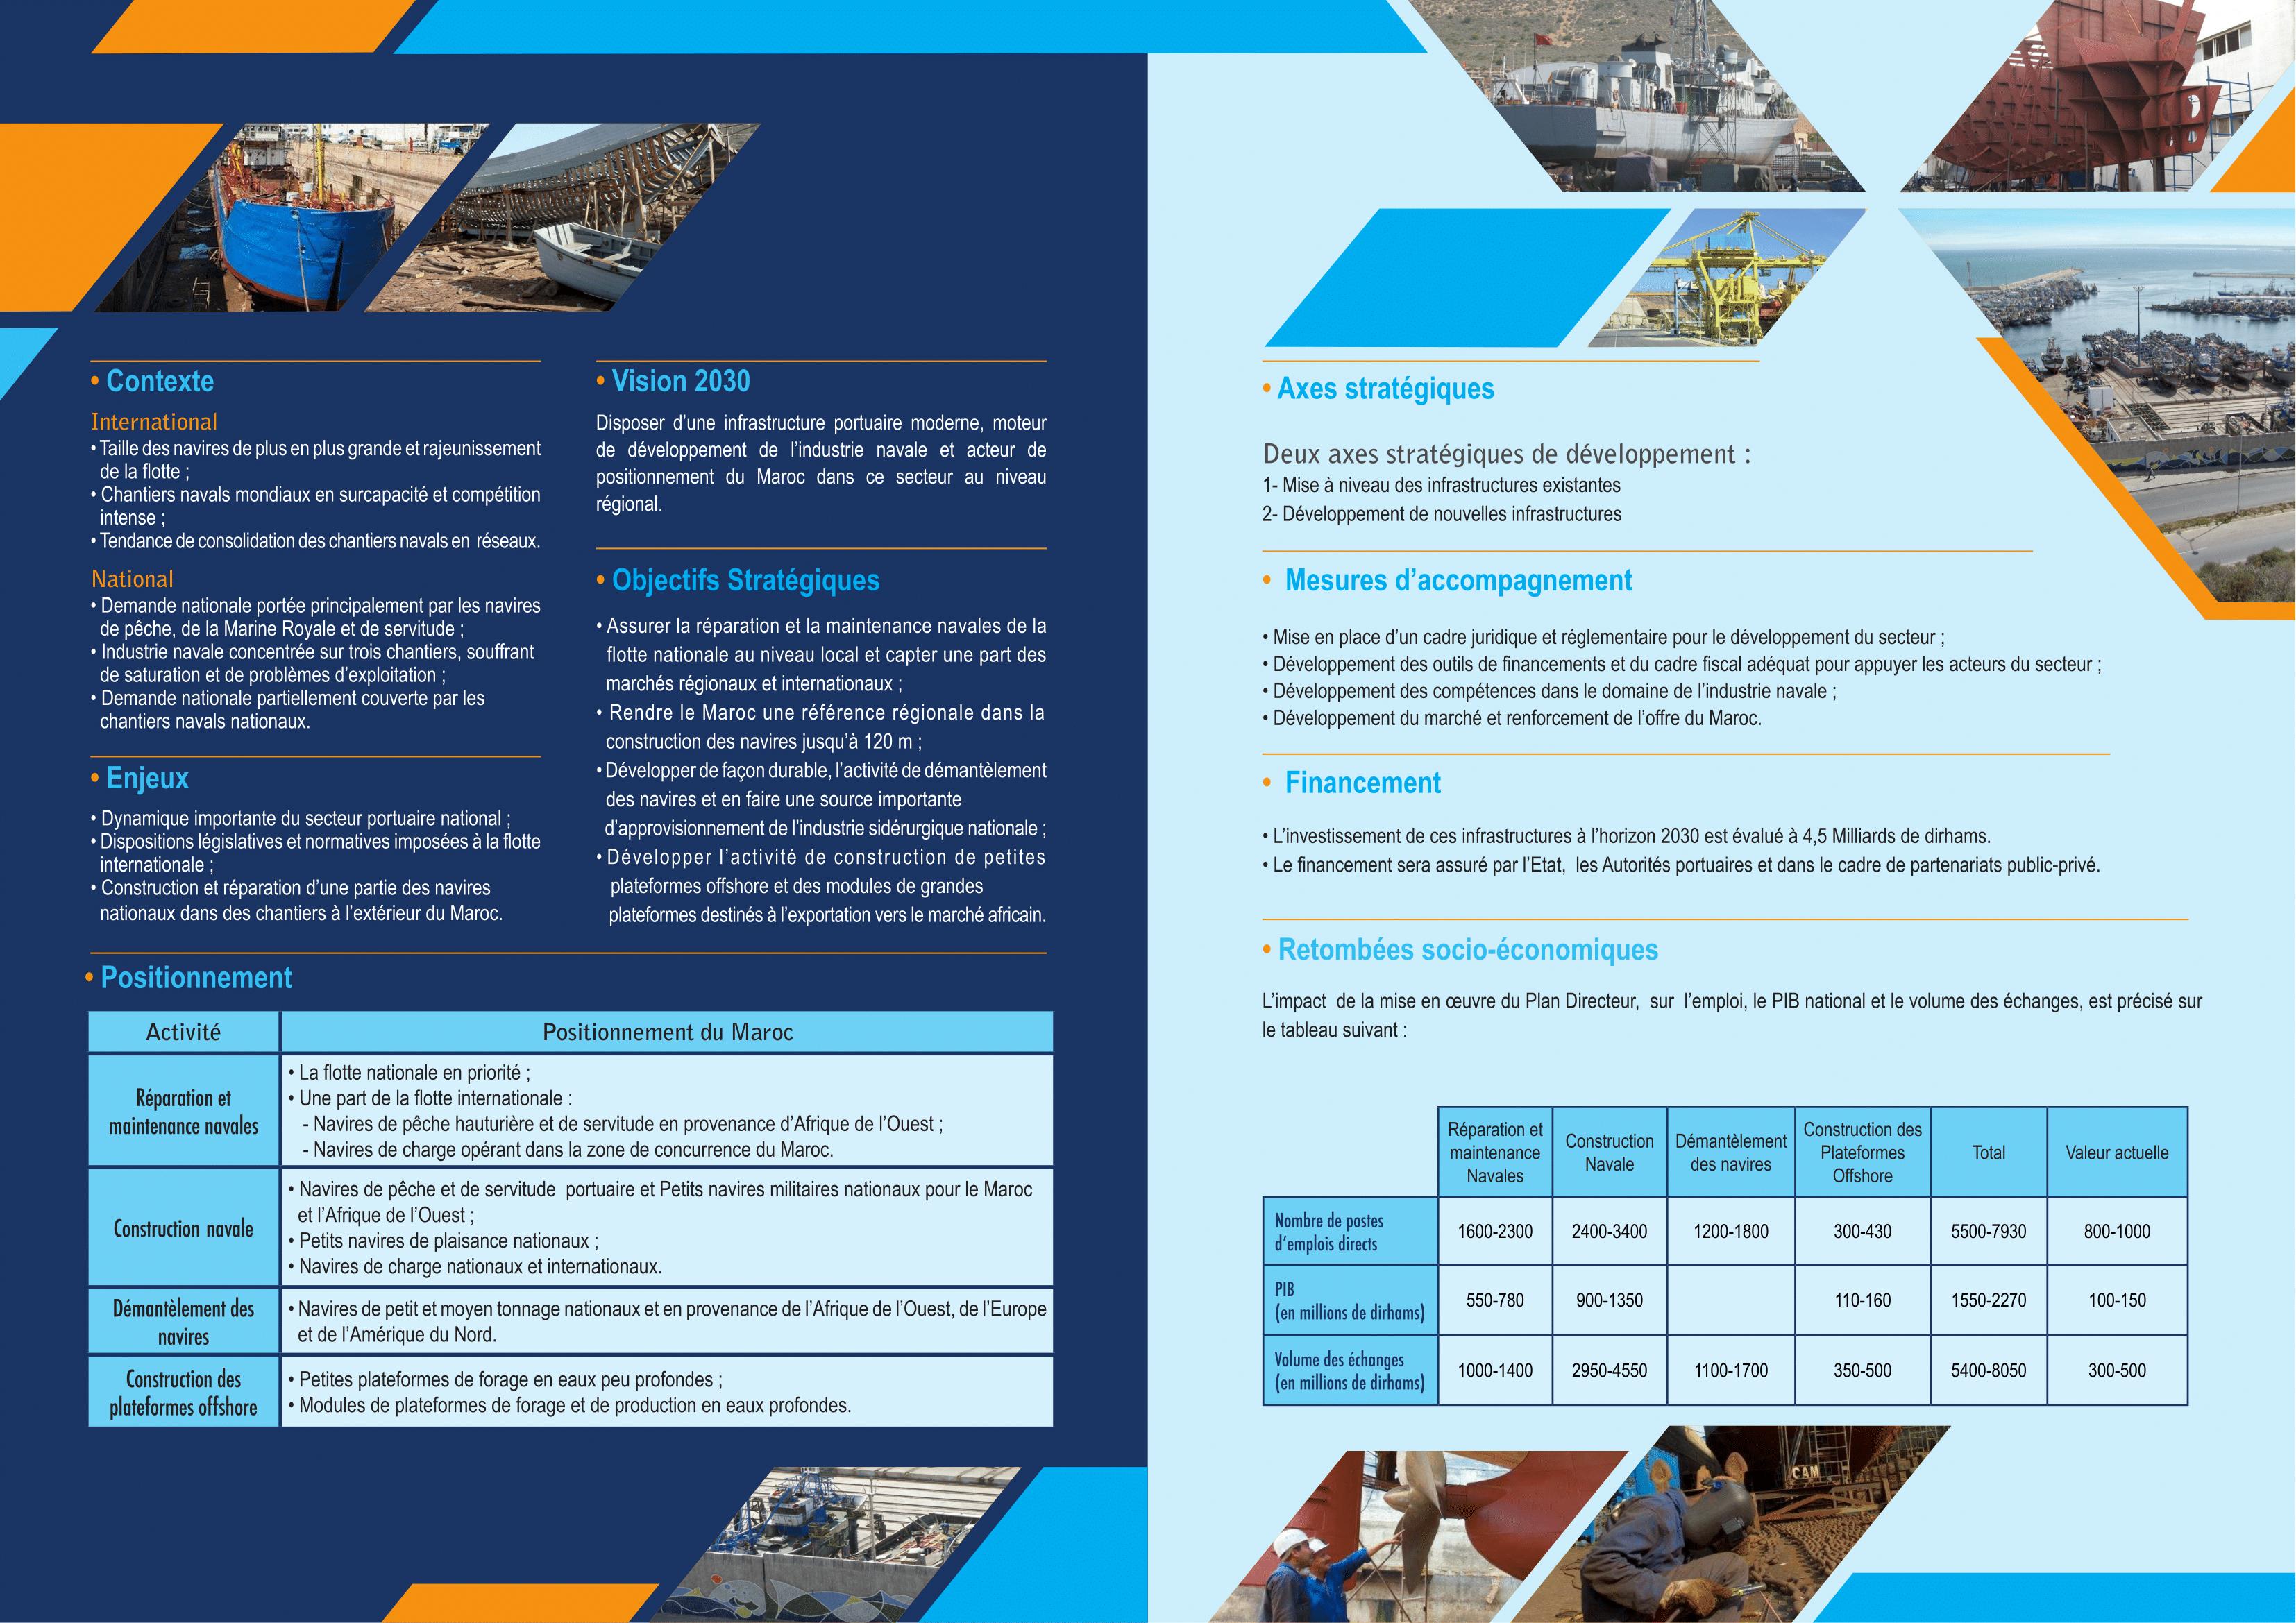 الصناعة العسكرية بالمغرب Moroccan Defense Industry (2).png